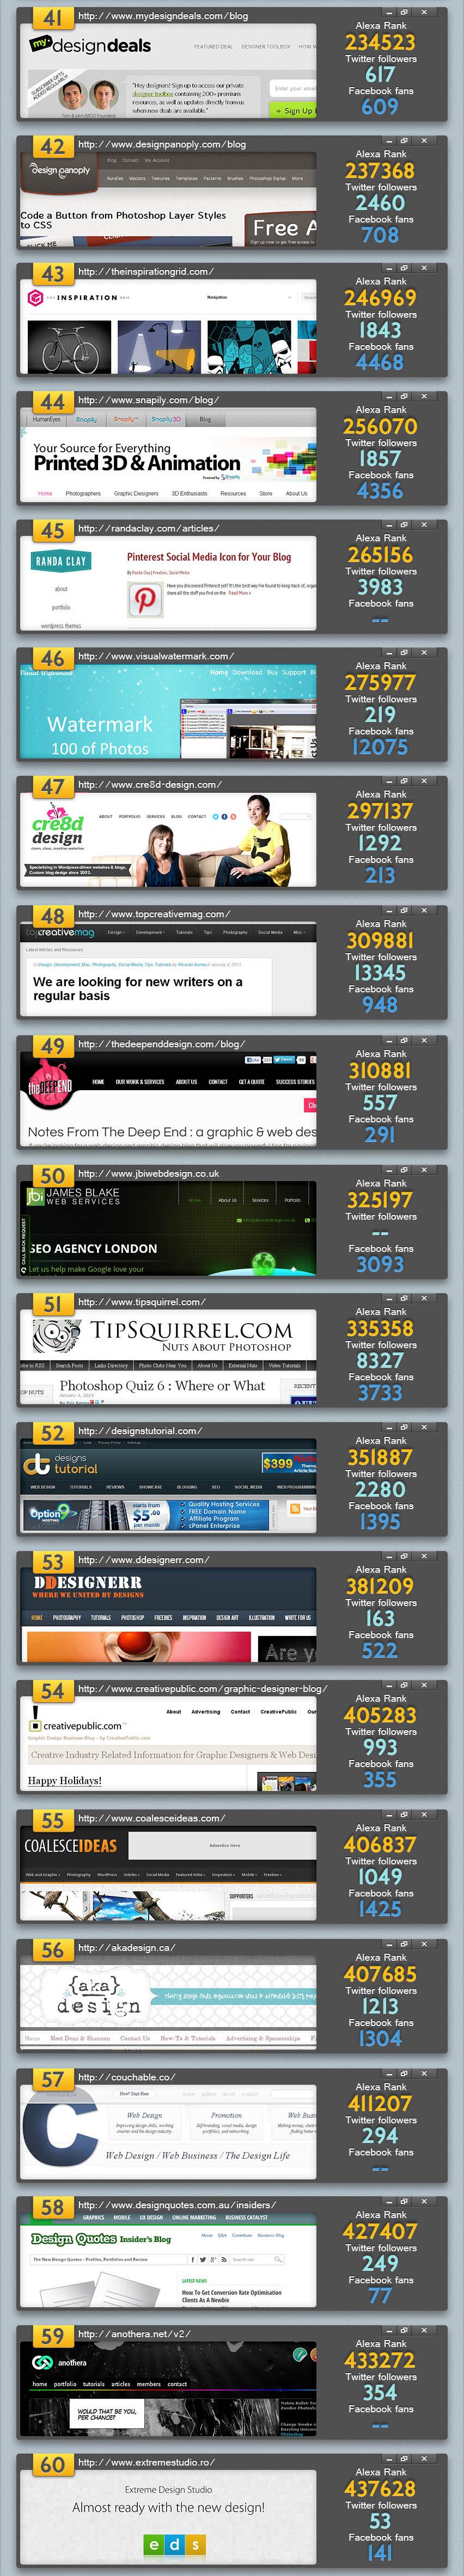 2013年最值得关注的100个设计博客